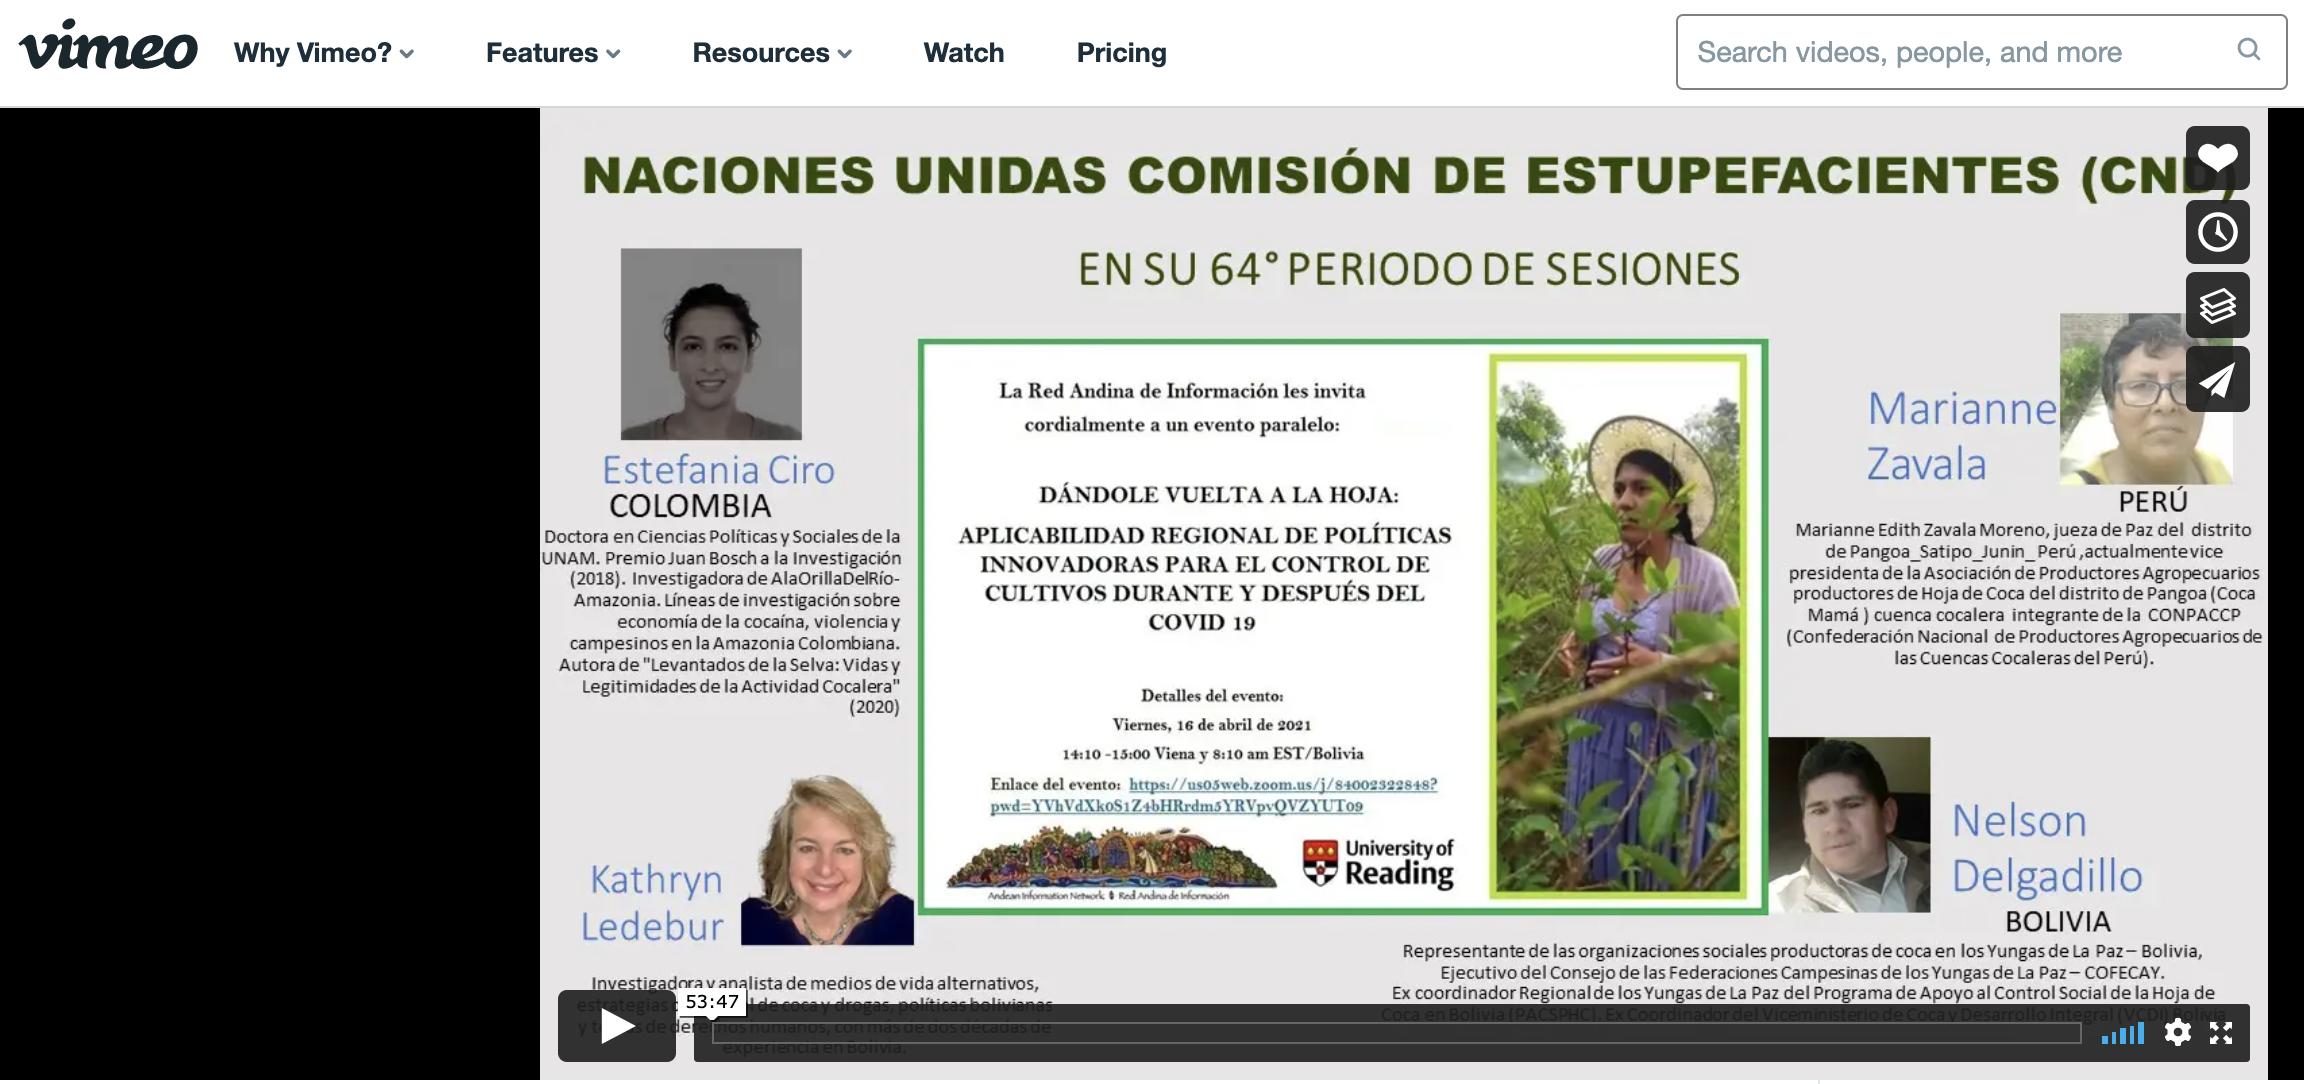 Vimeo: Grabación de nuestro evento en Naciones Unidas Comisión De Estupefacientes